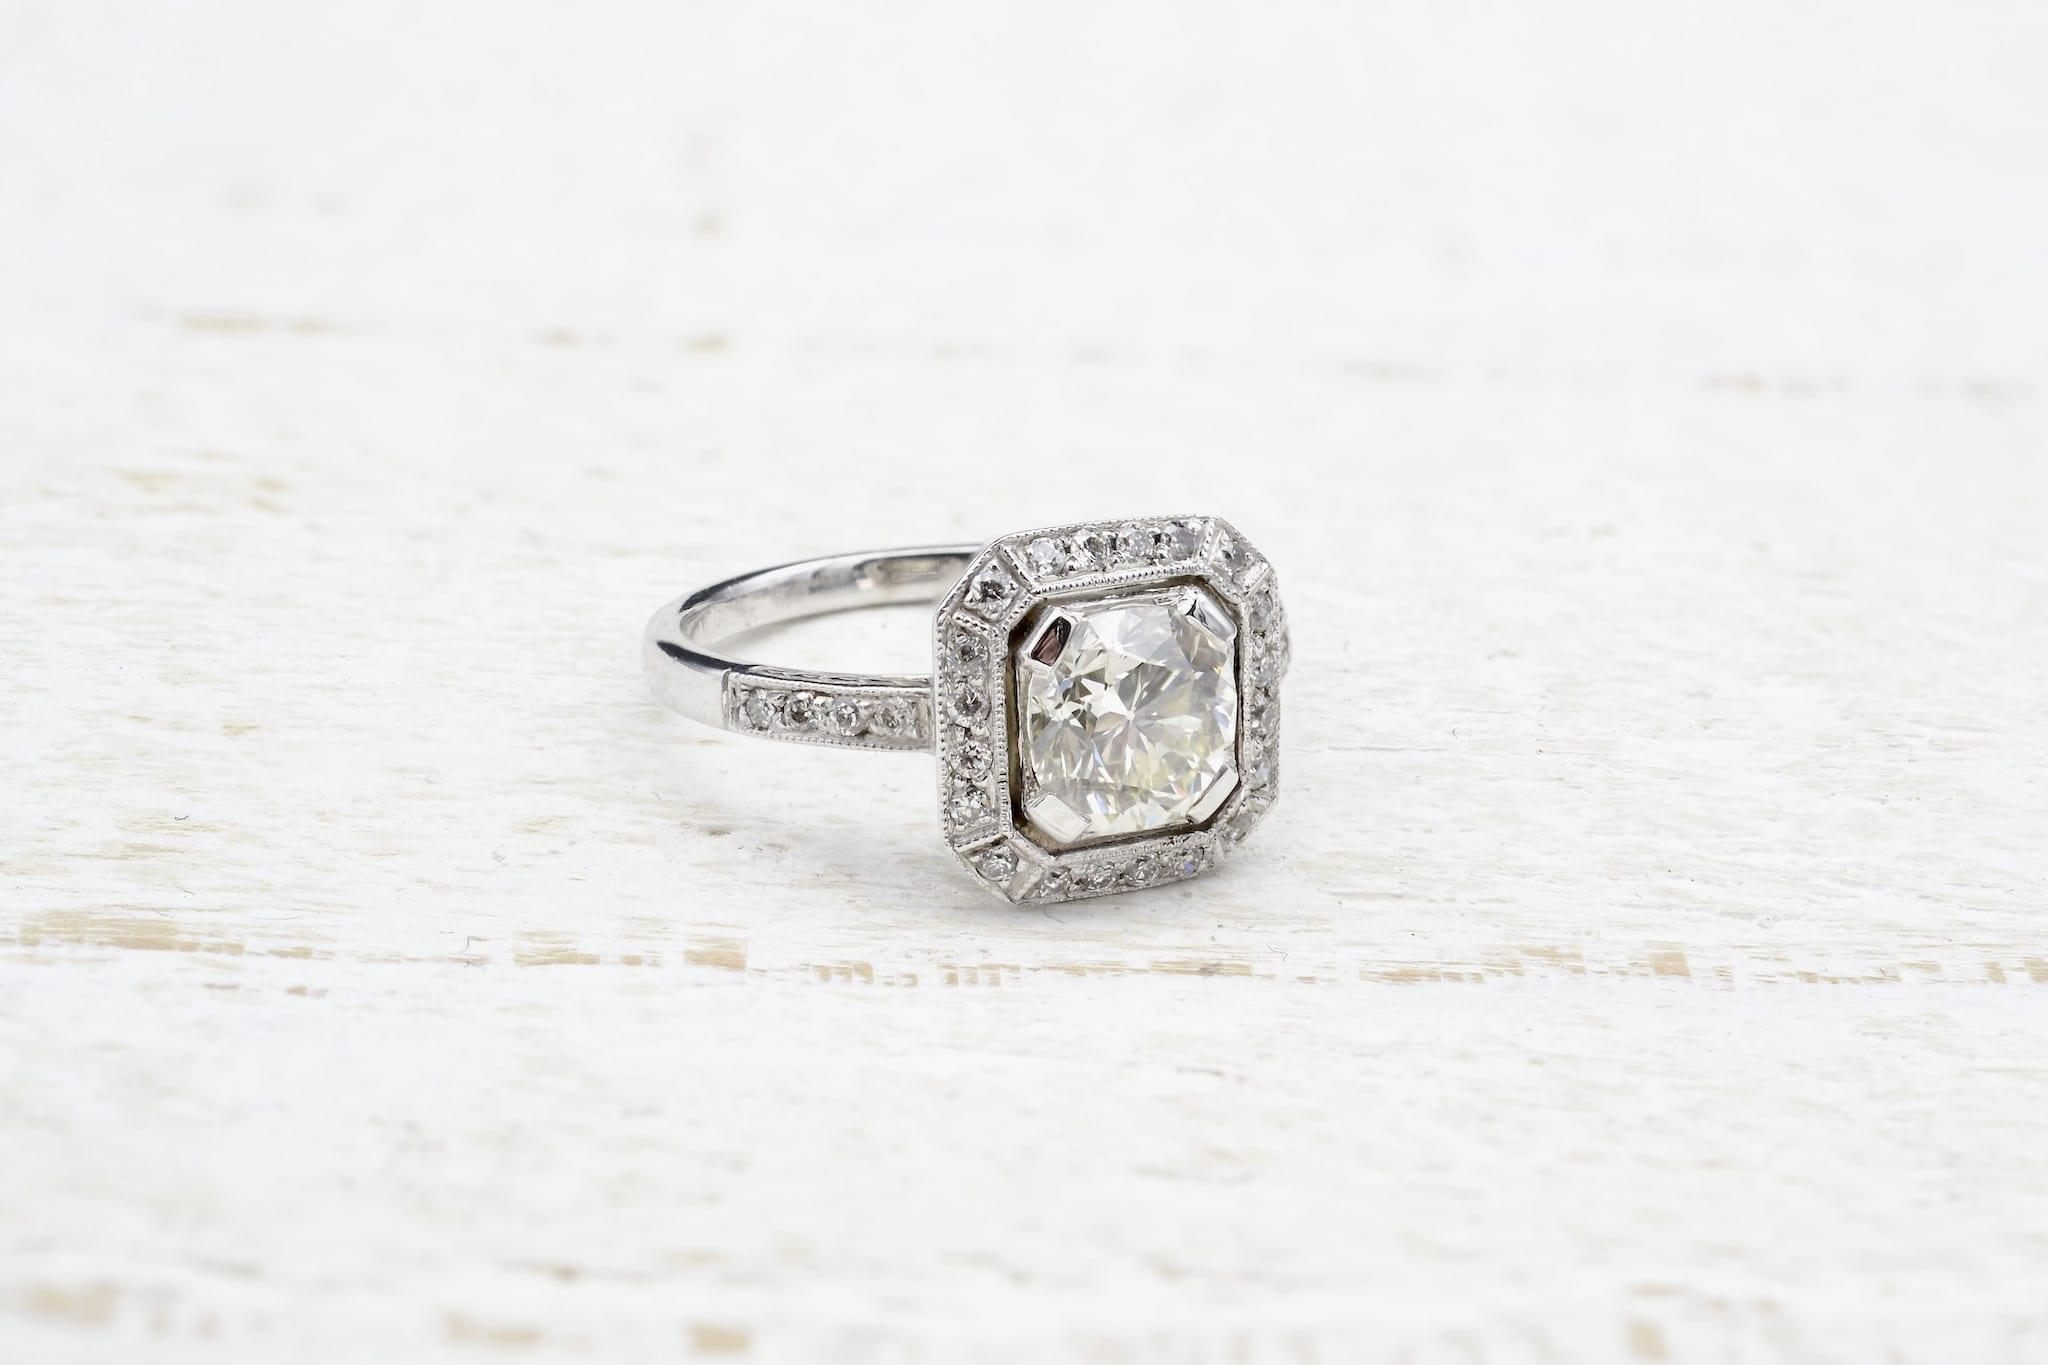 bague art déco diamant taille coussin